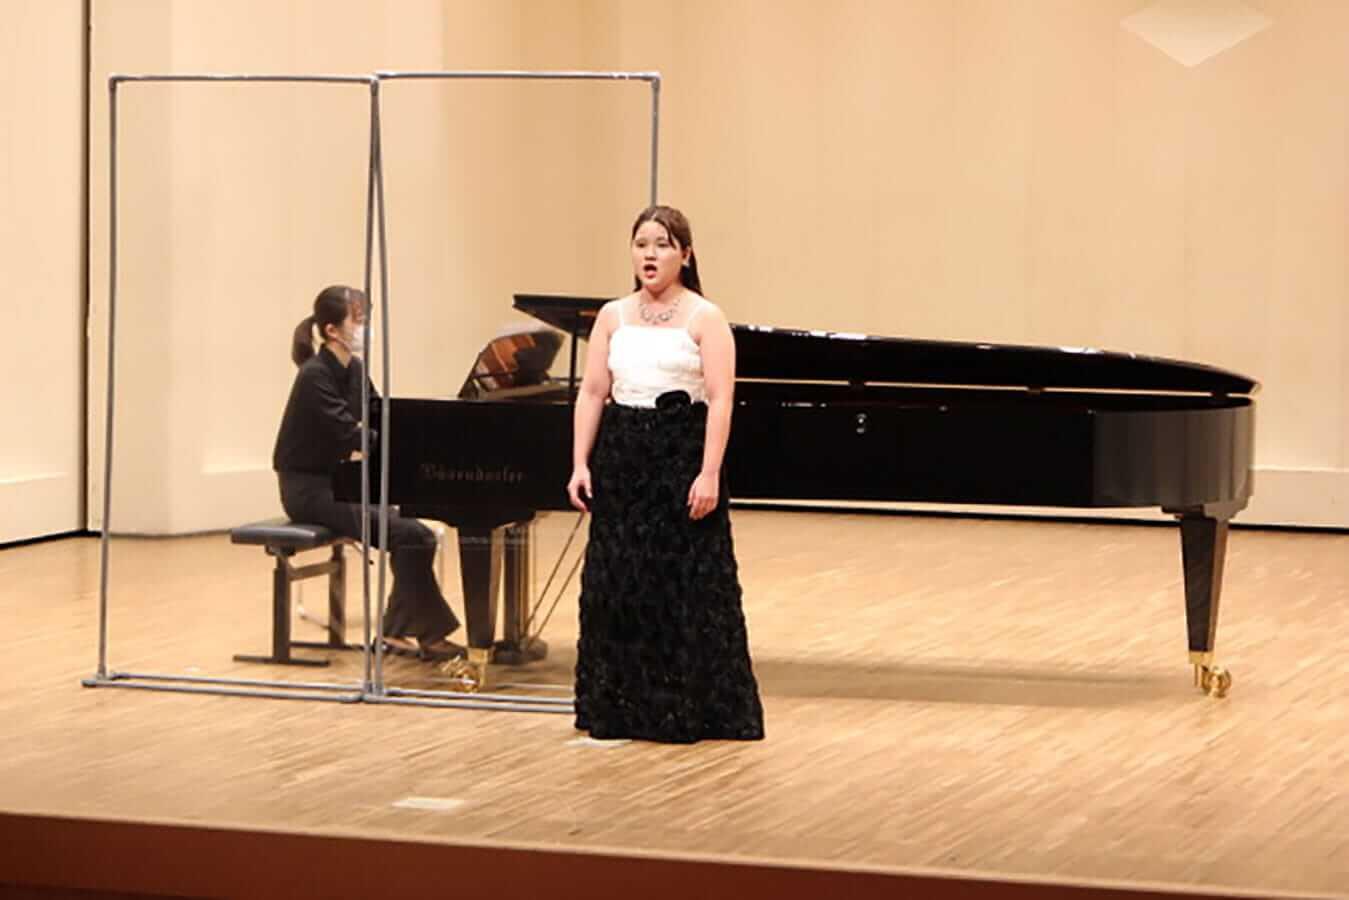 [写真]学内演奏会 ―声楽コース 1・2年次 独唱 3年次 日本歌曲―演奏風景14